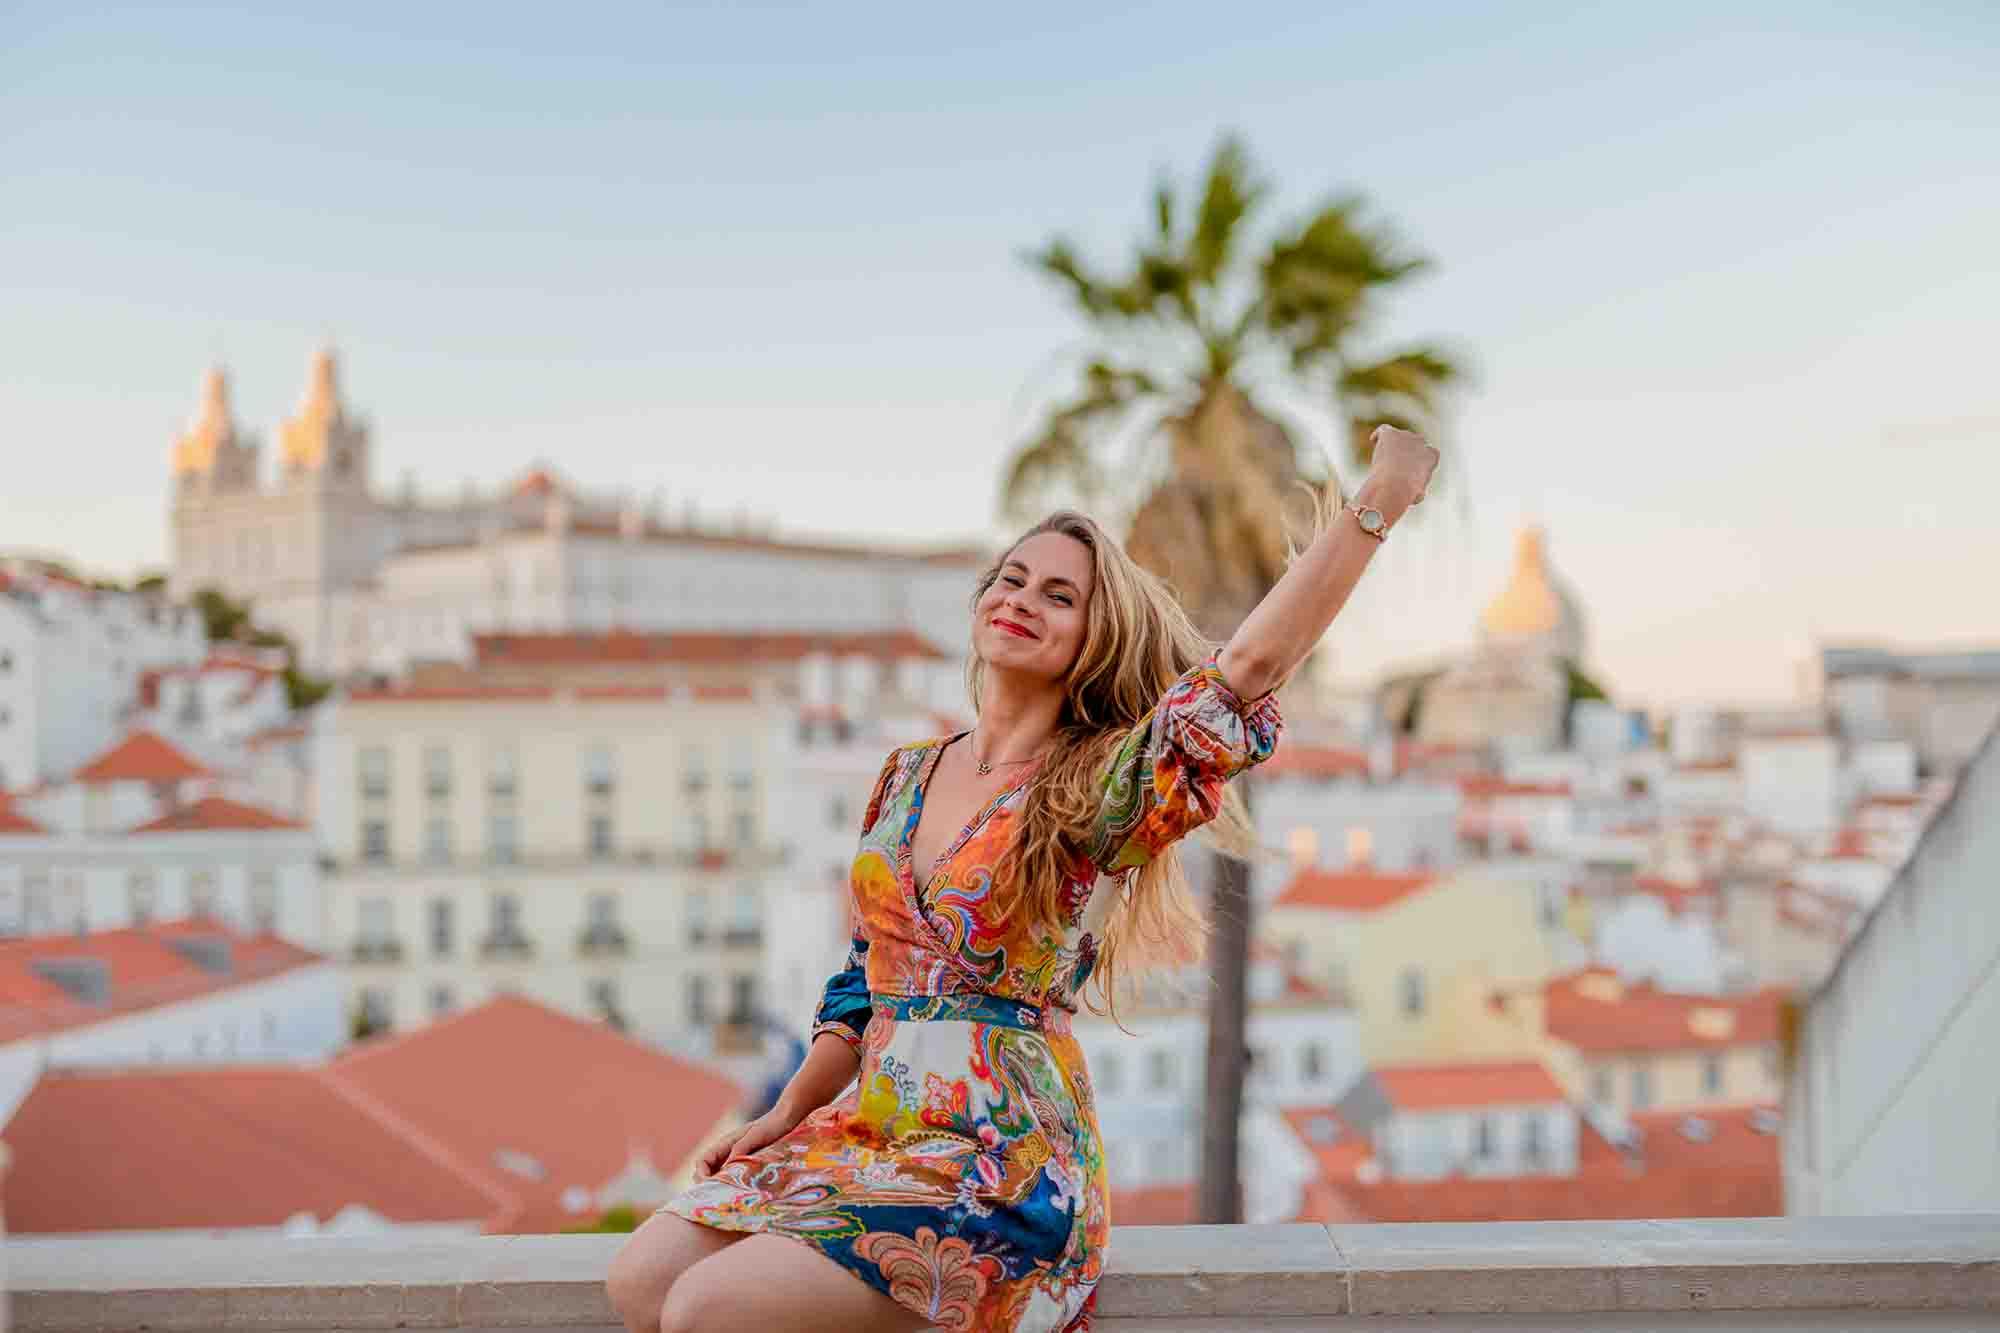 Elena Bicu sitting on a wall in Lisbon